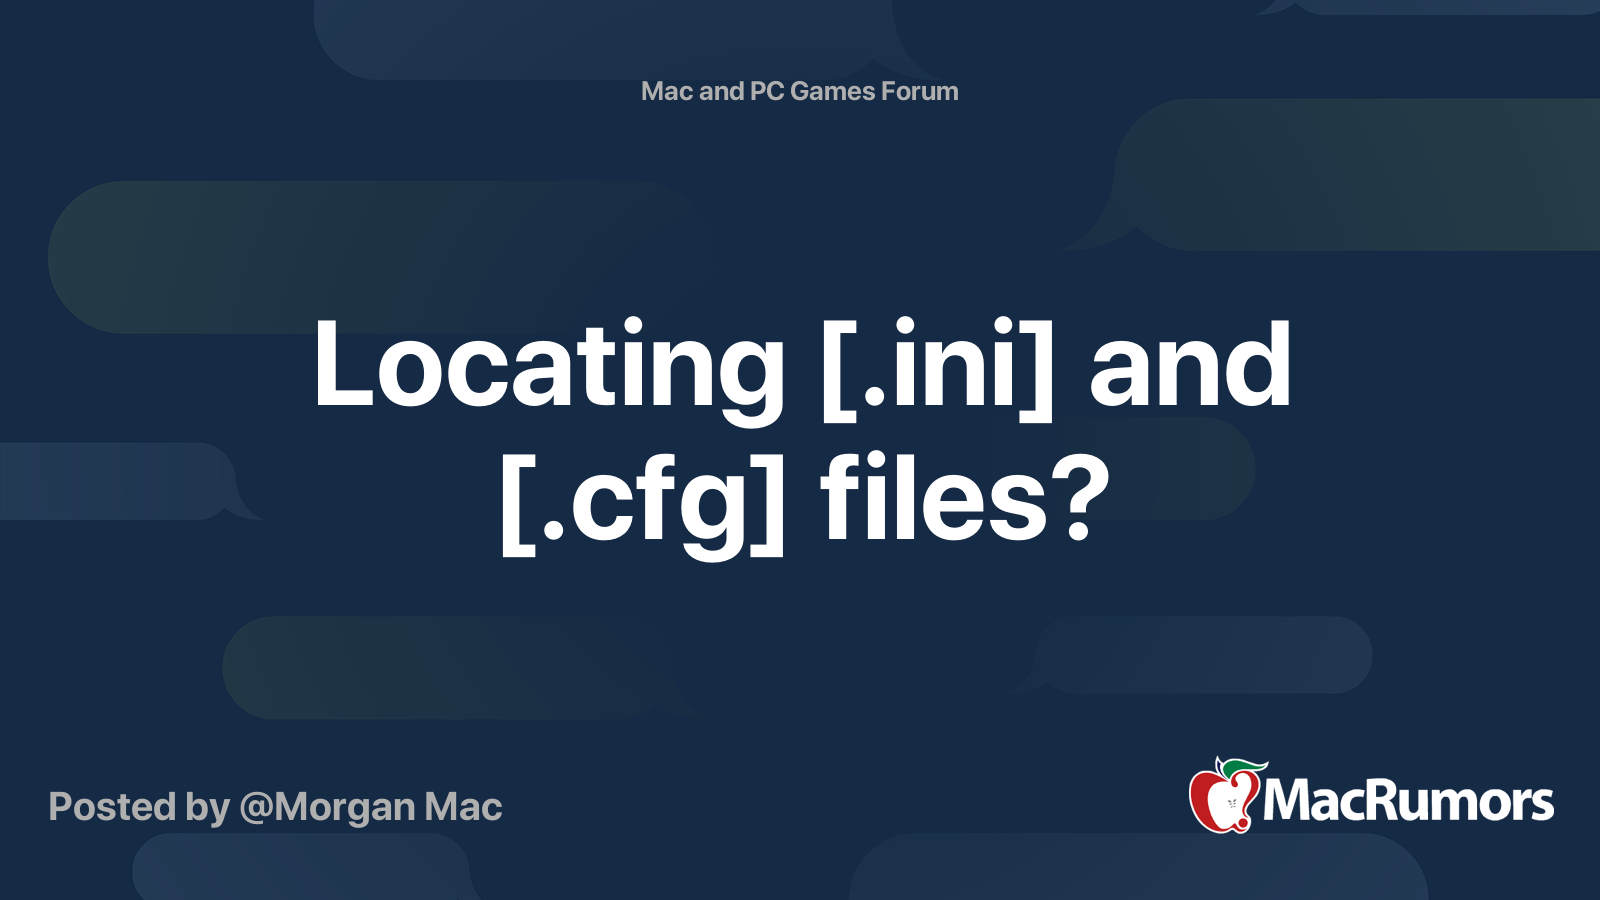 Cfg file for mac